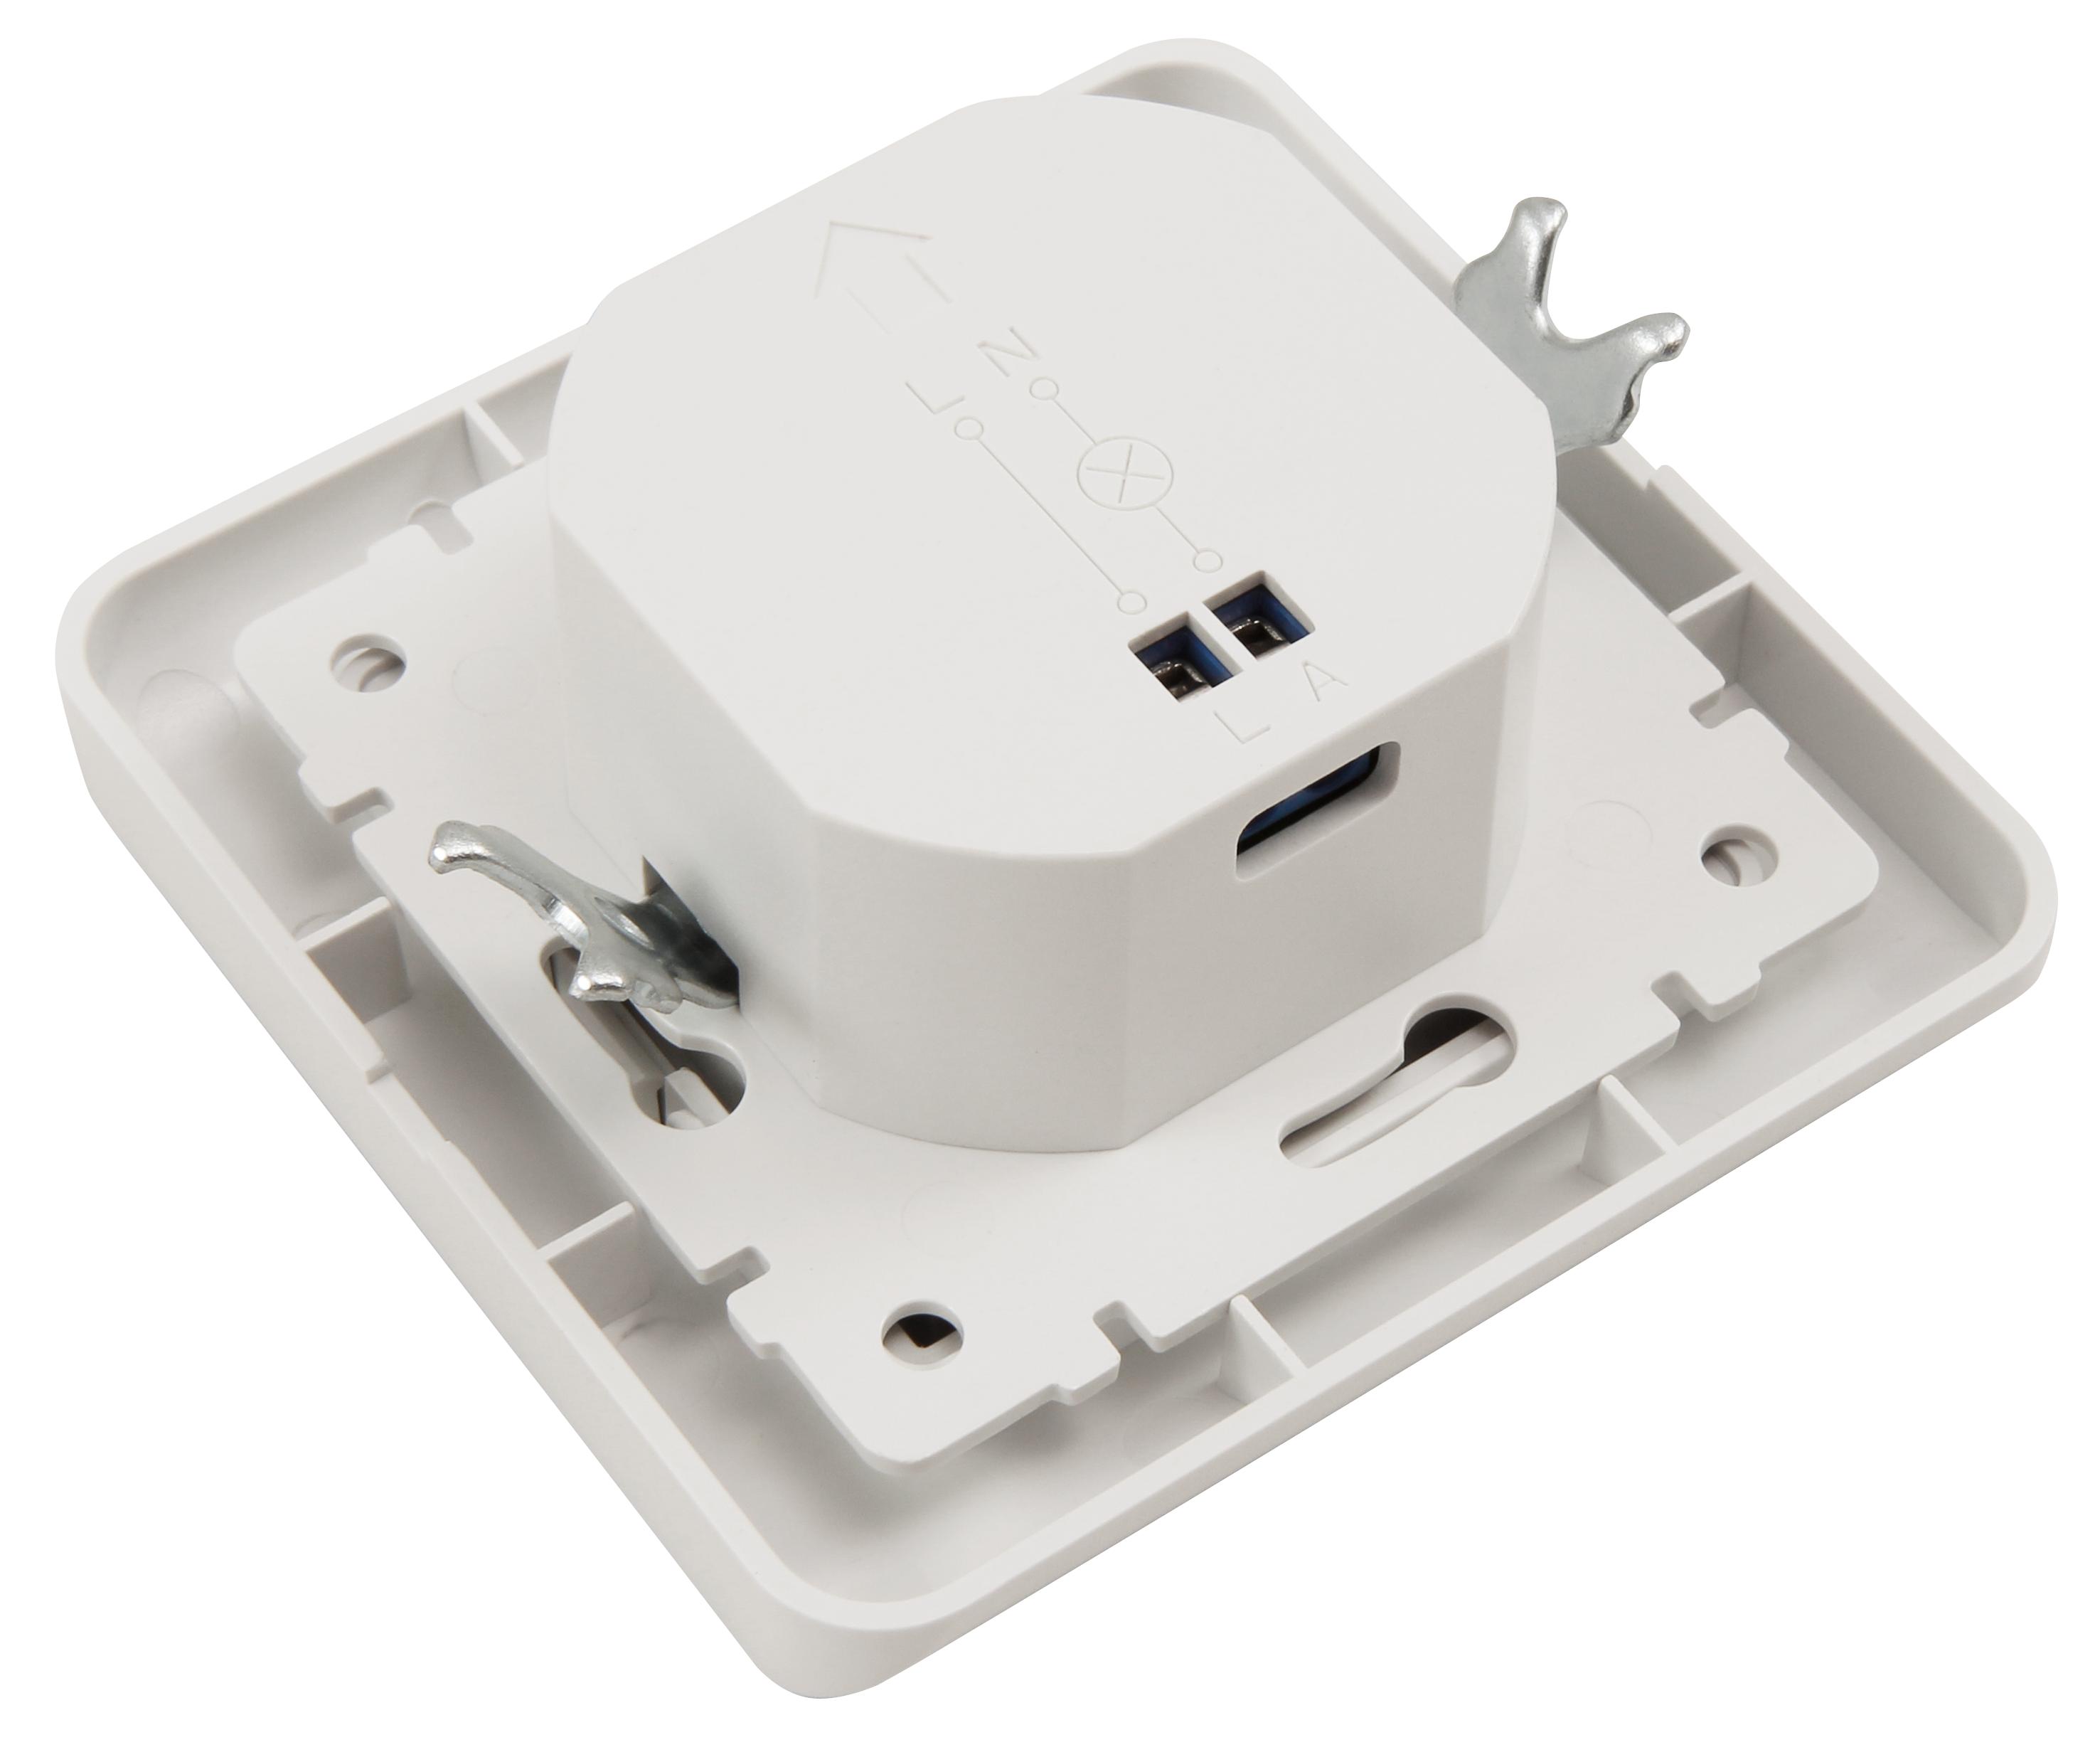 Unterputz IR Bewegungsmelder McShine ''LX-20'' 160°, 300W, LED geeignet, weiß